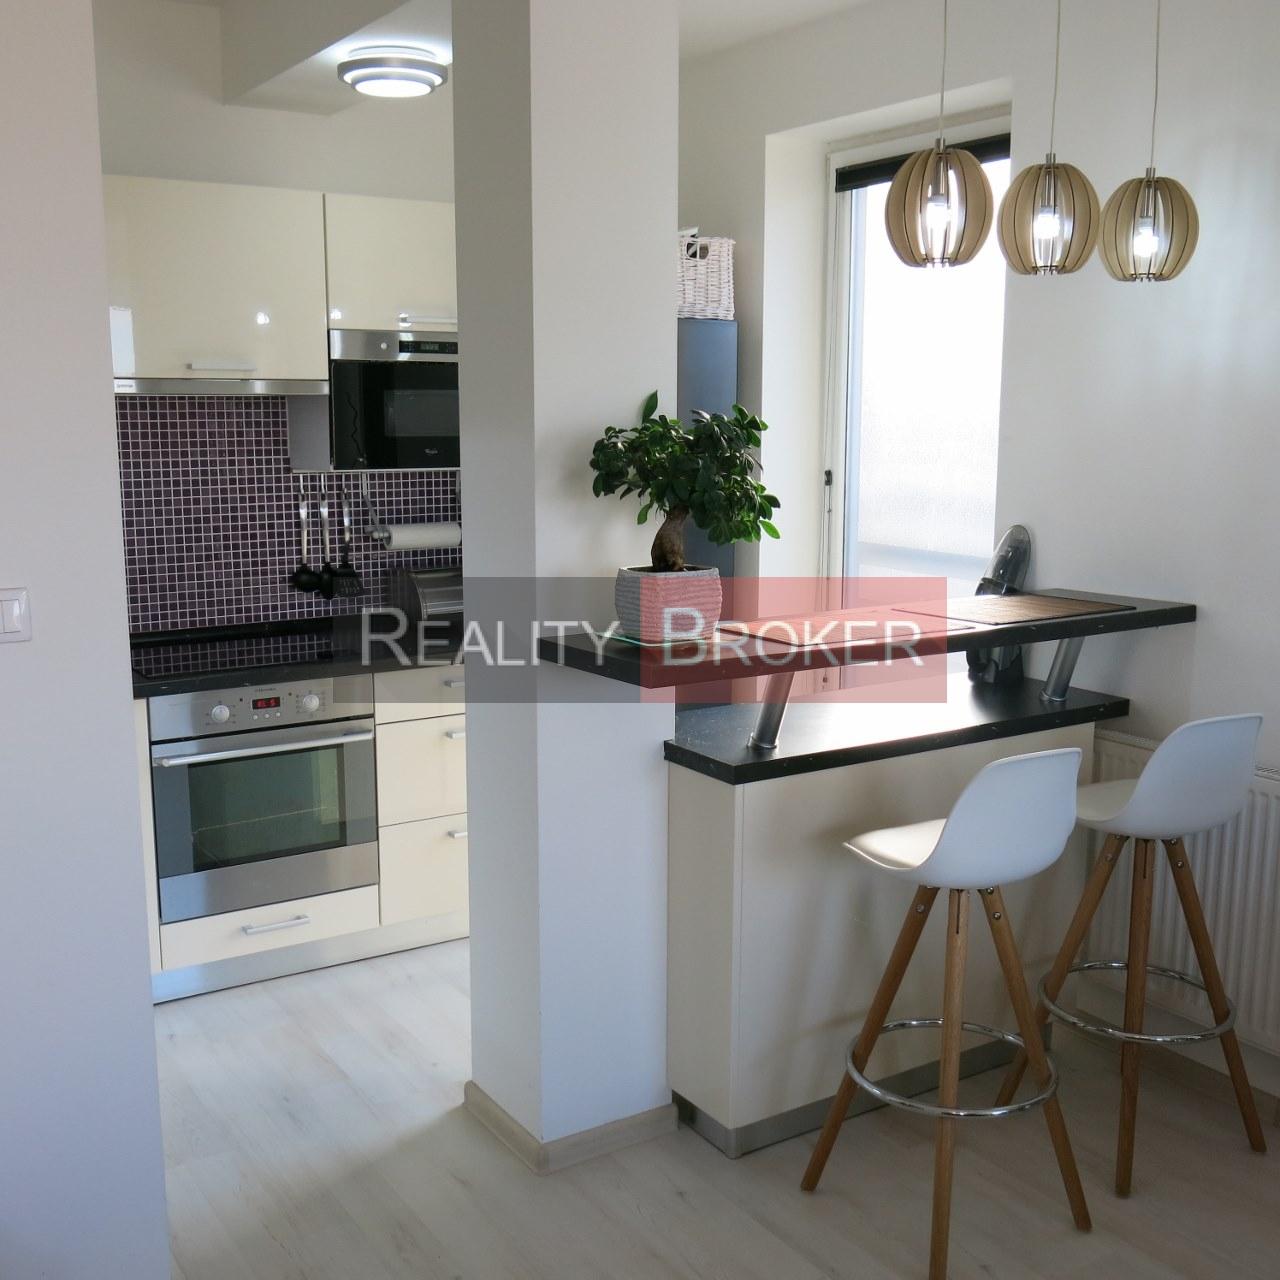 Ponúkame na predaj pekný priestranný 2 izb. byt v NOVOSTAVBE v obci Rovinka